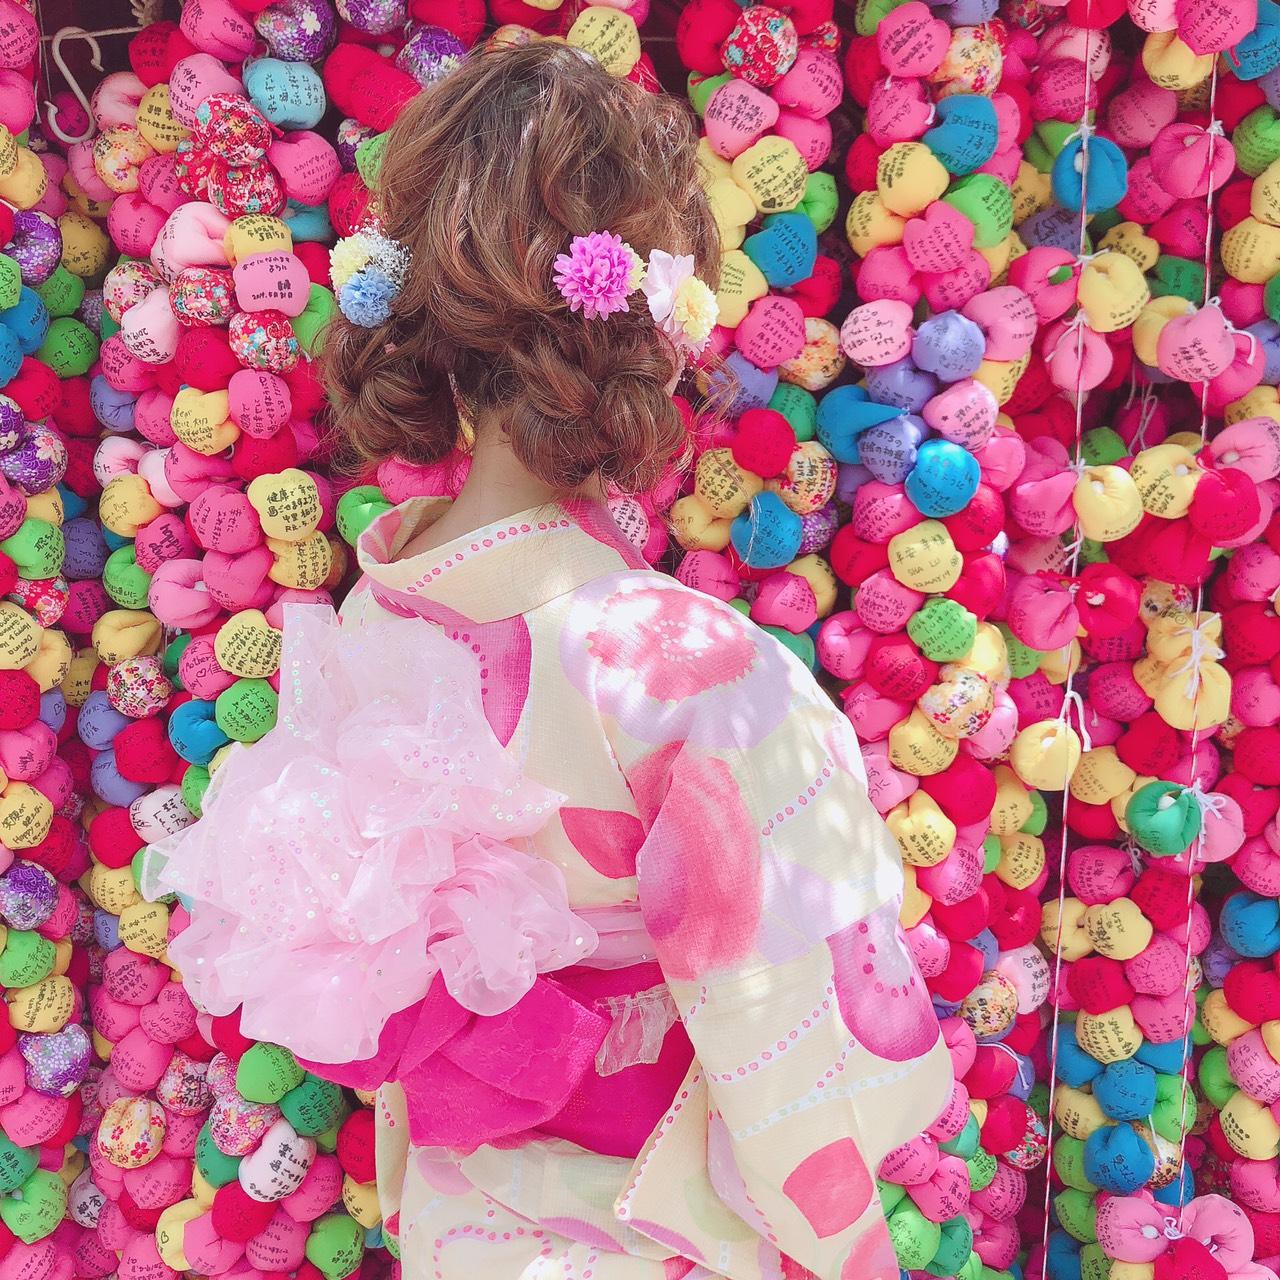 京都で着物・浴衣レンタルなら、人と差がつく可愛さの 『京都祇園屋』と『梨花和服』がおすすめ! シルバーウィークの京都女子旅にも♪_5